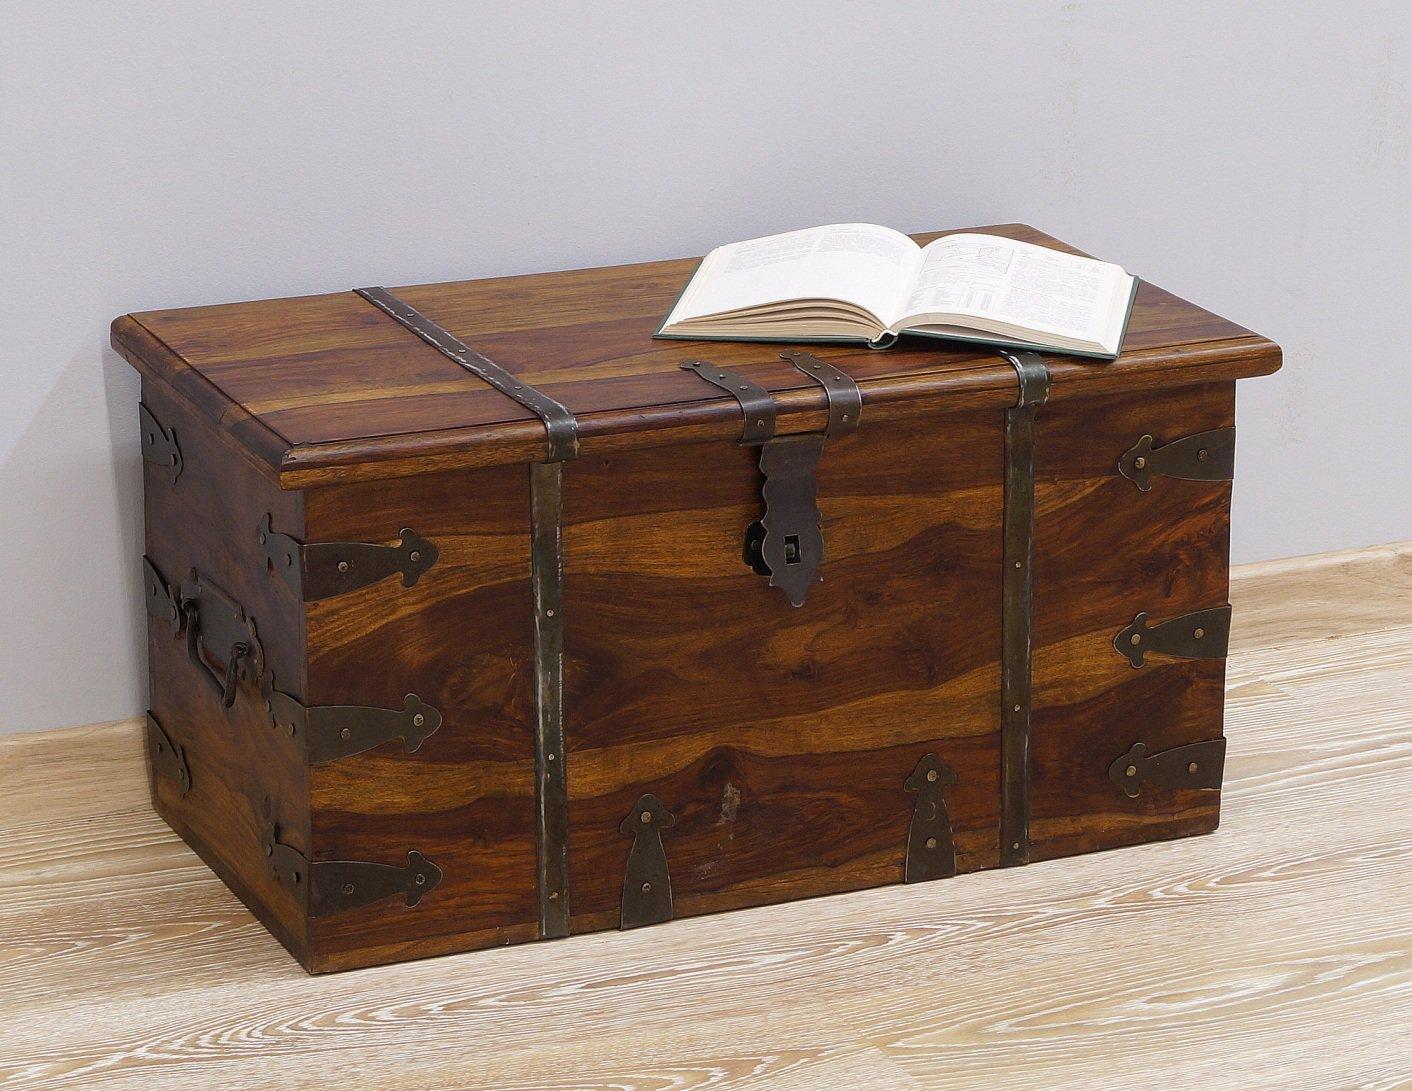 Kufer kolonialny lite drewno palisander indyjski metalowe okucia jasny brąz nowoczesny